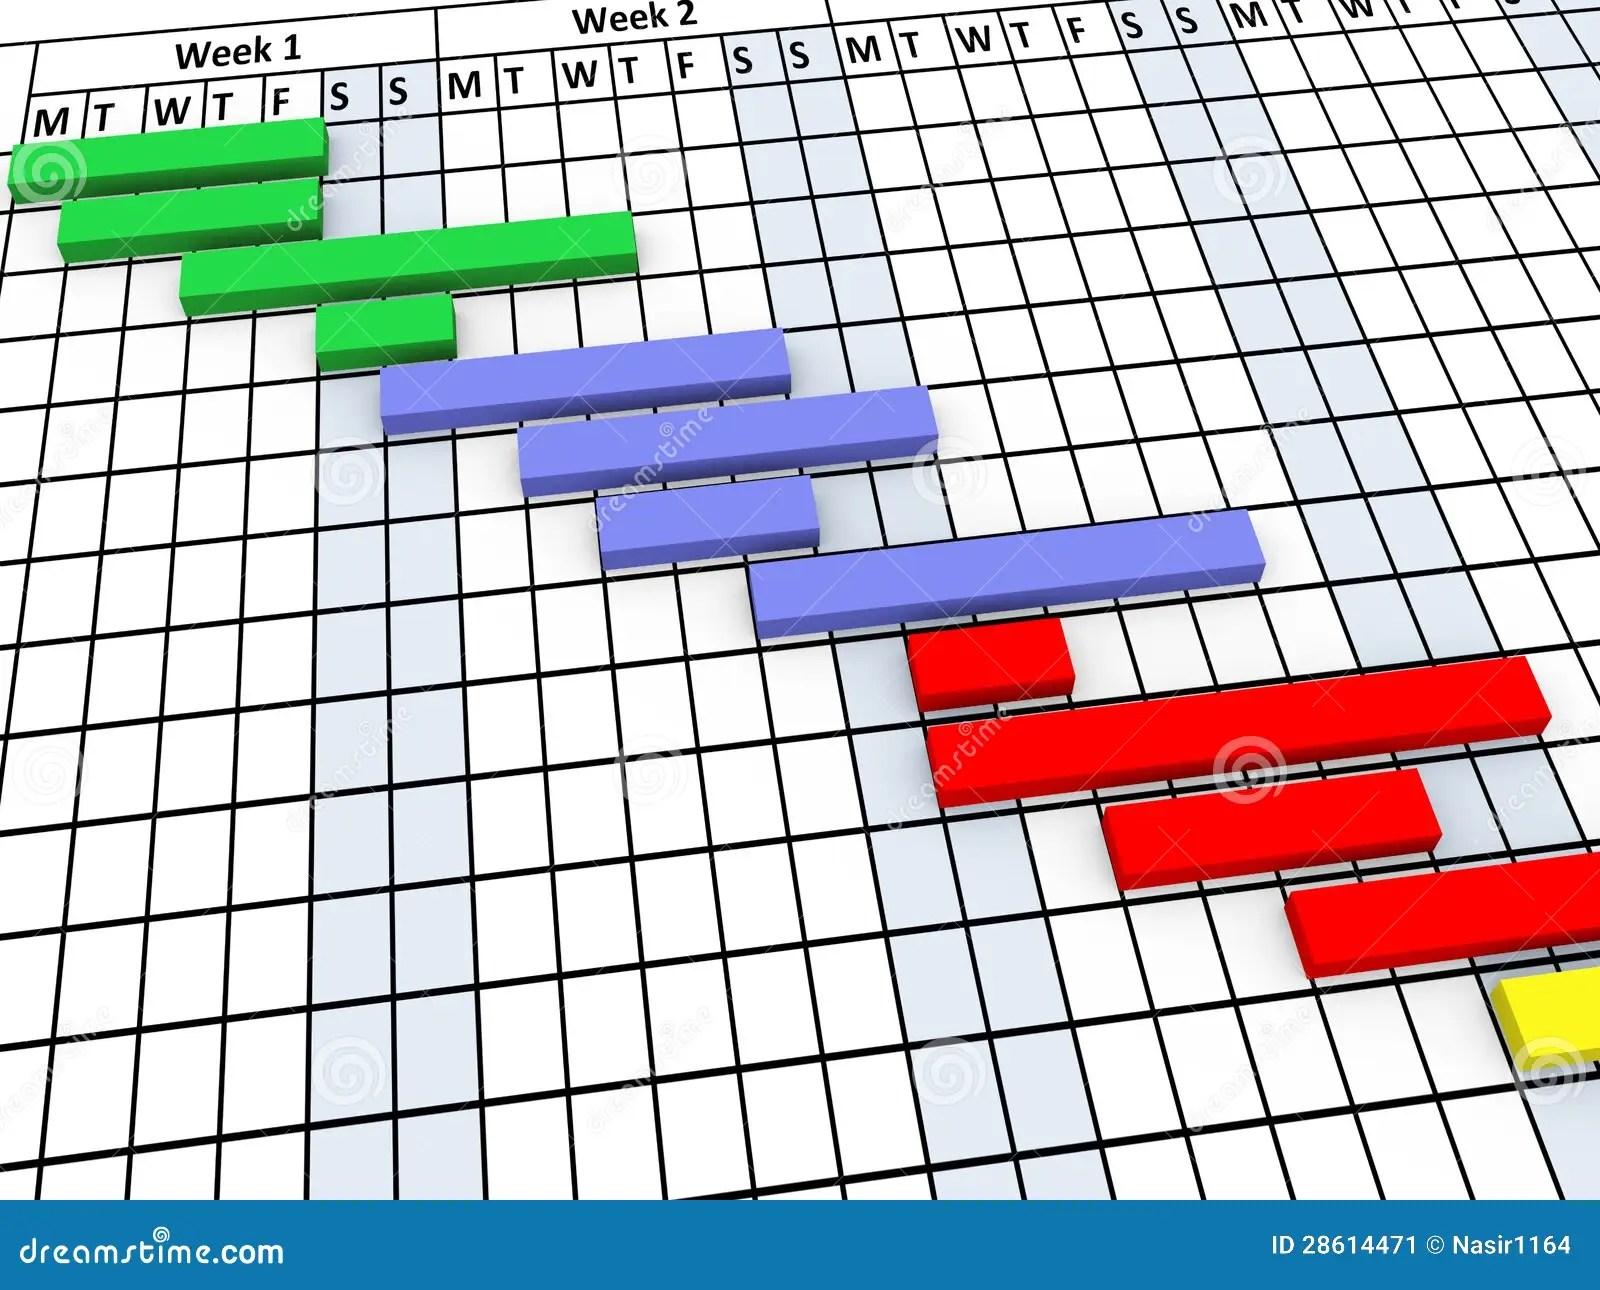 hight resolution of download programma sorgente codice fiscale gratis in excel scarica programma sorgente codice fiscale gratis in excel diagramma di gantt